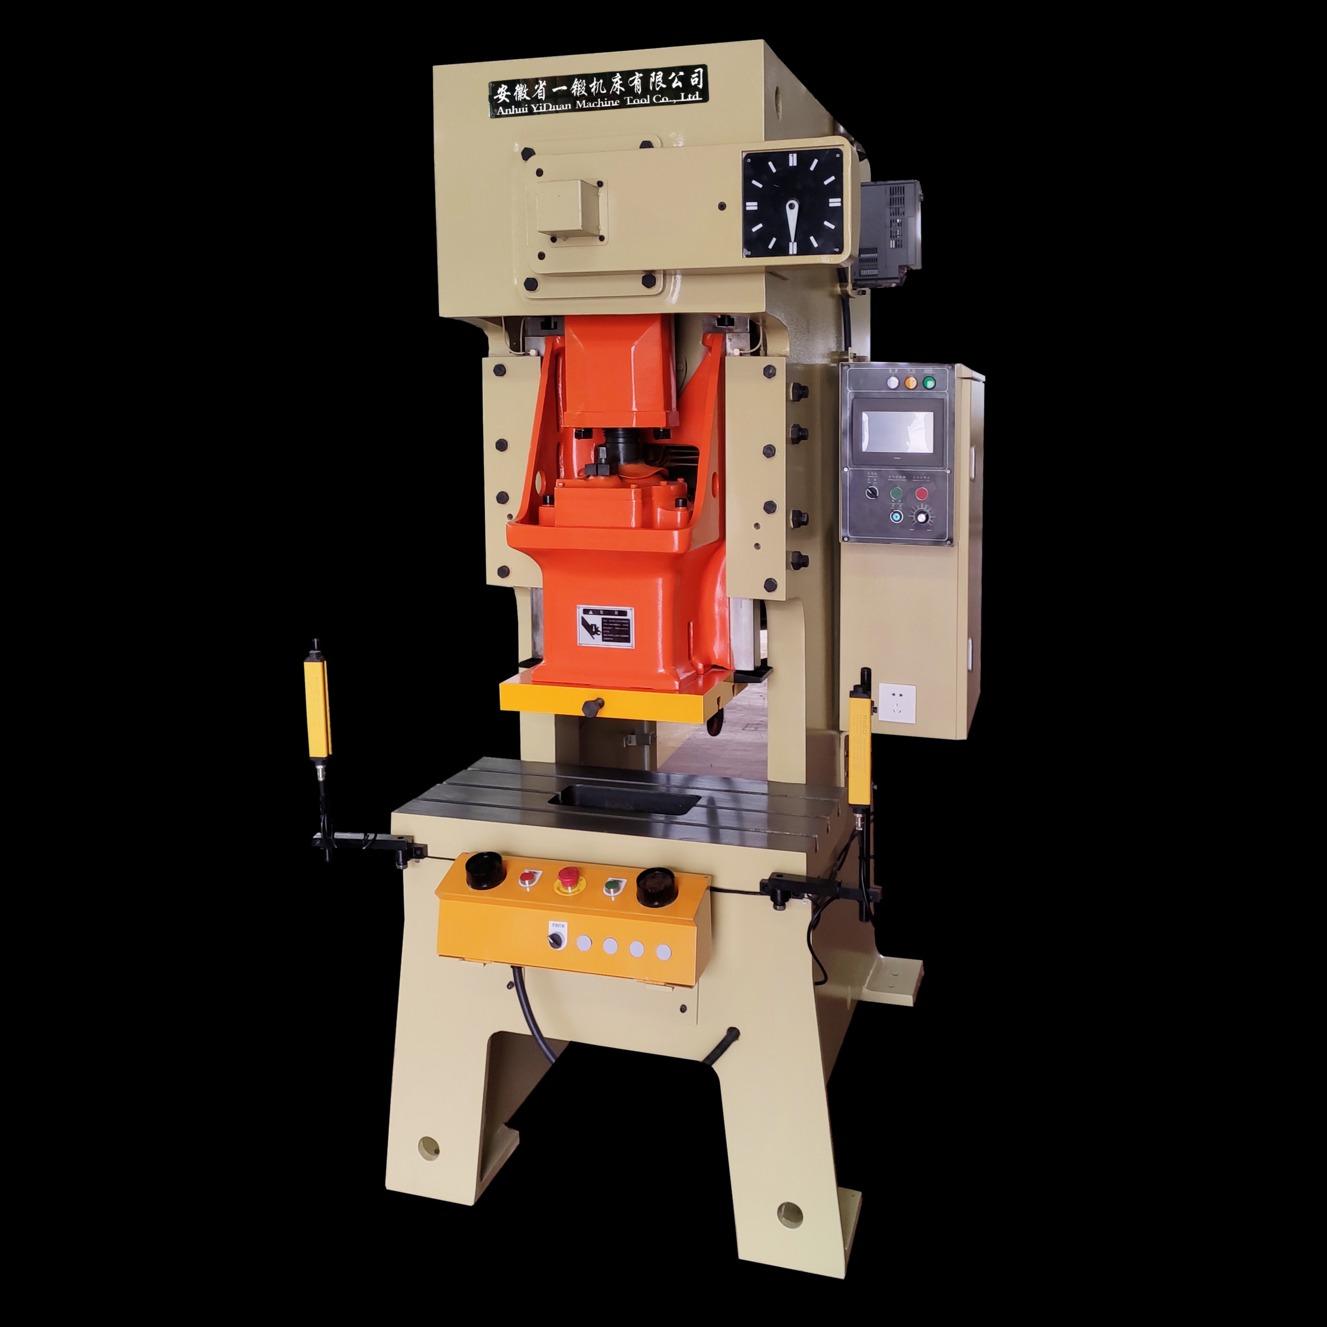 皖一锻高精密气动冲床 YDC1-200T开式单点压力机高速冲床